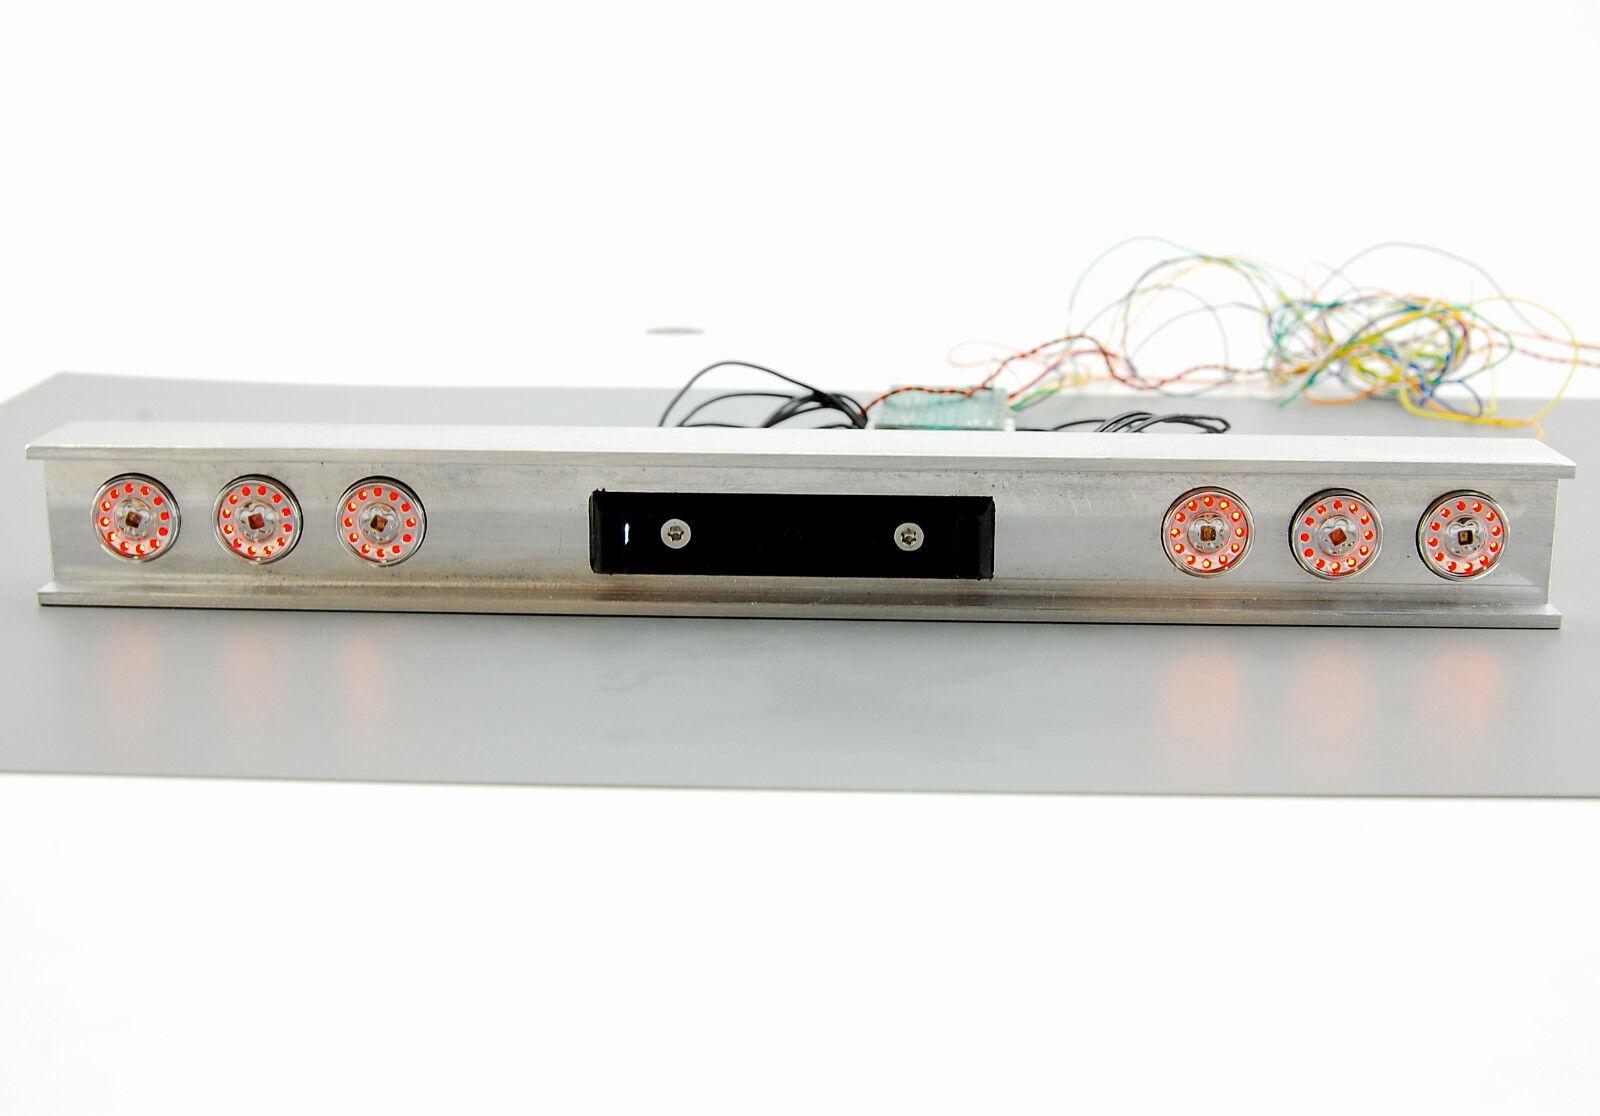 Fo Verkerk Tail Lights Bumper Achterlicht feu arrière fanale posterior 1 14 1 14